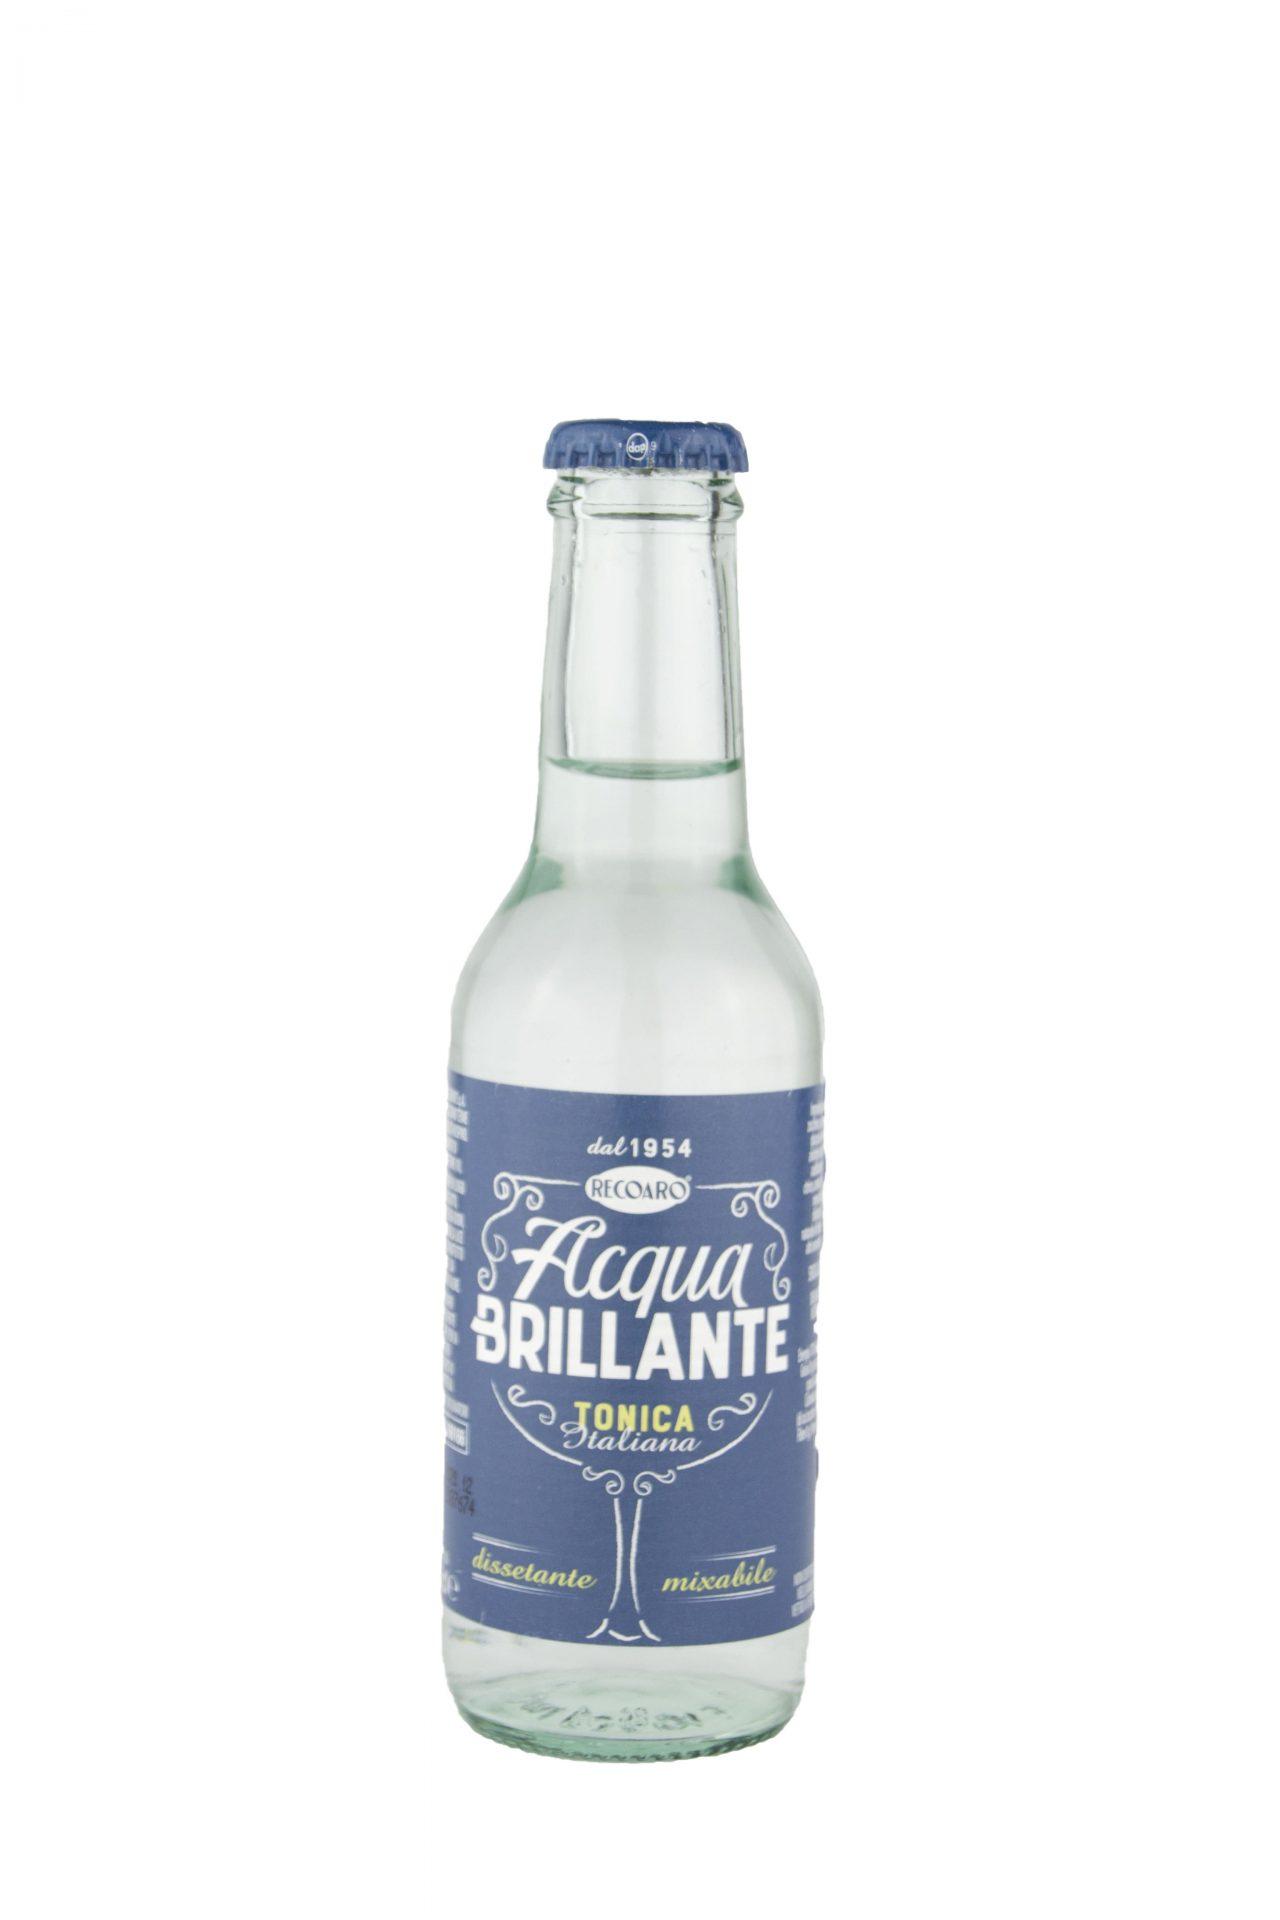 Recoaro – Acqua Brillante